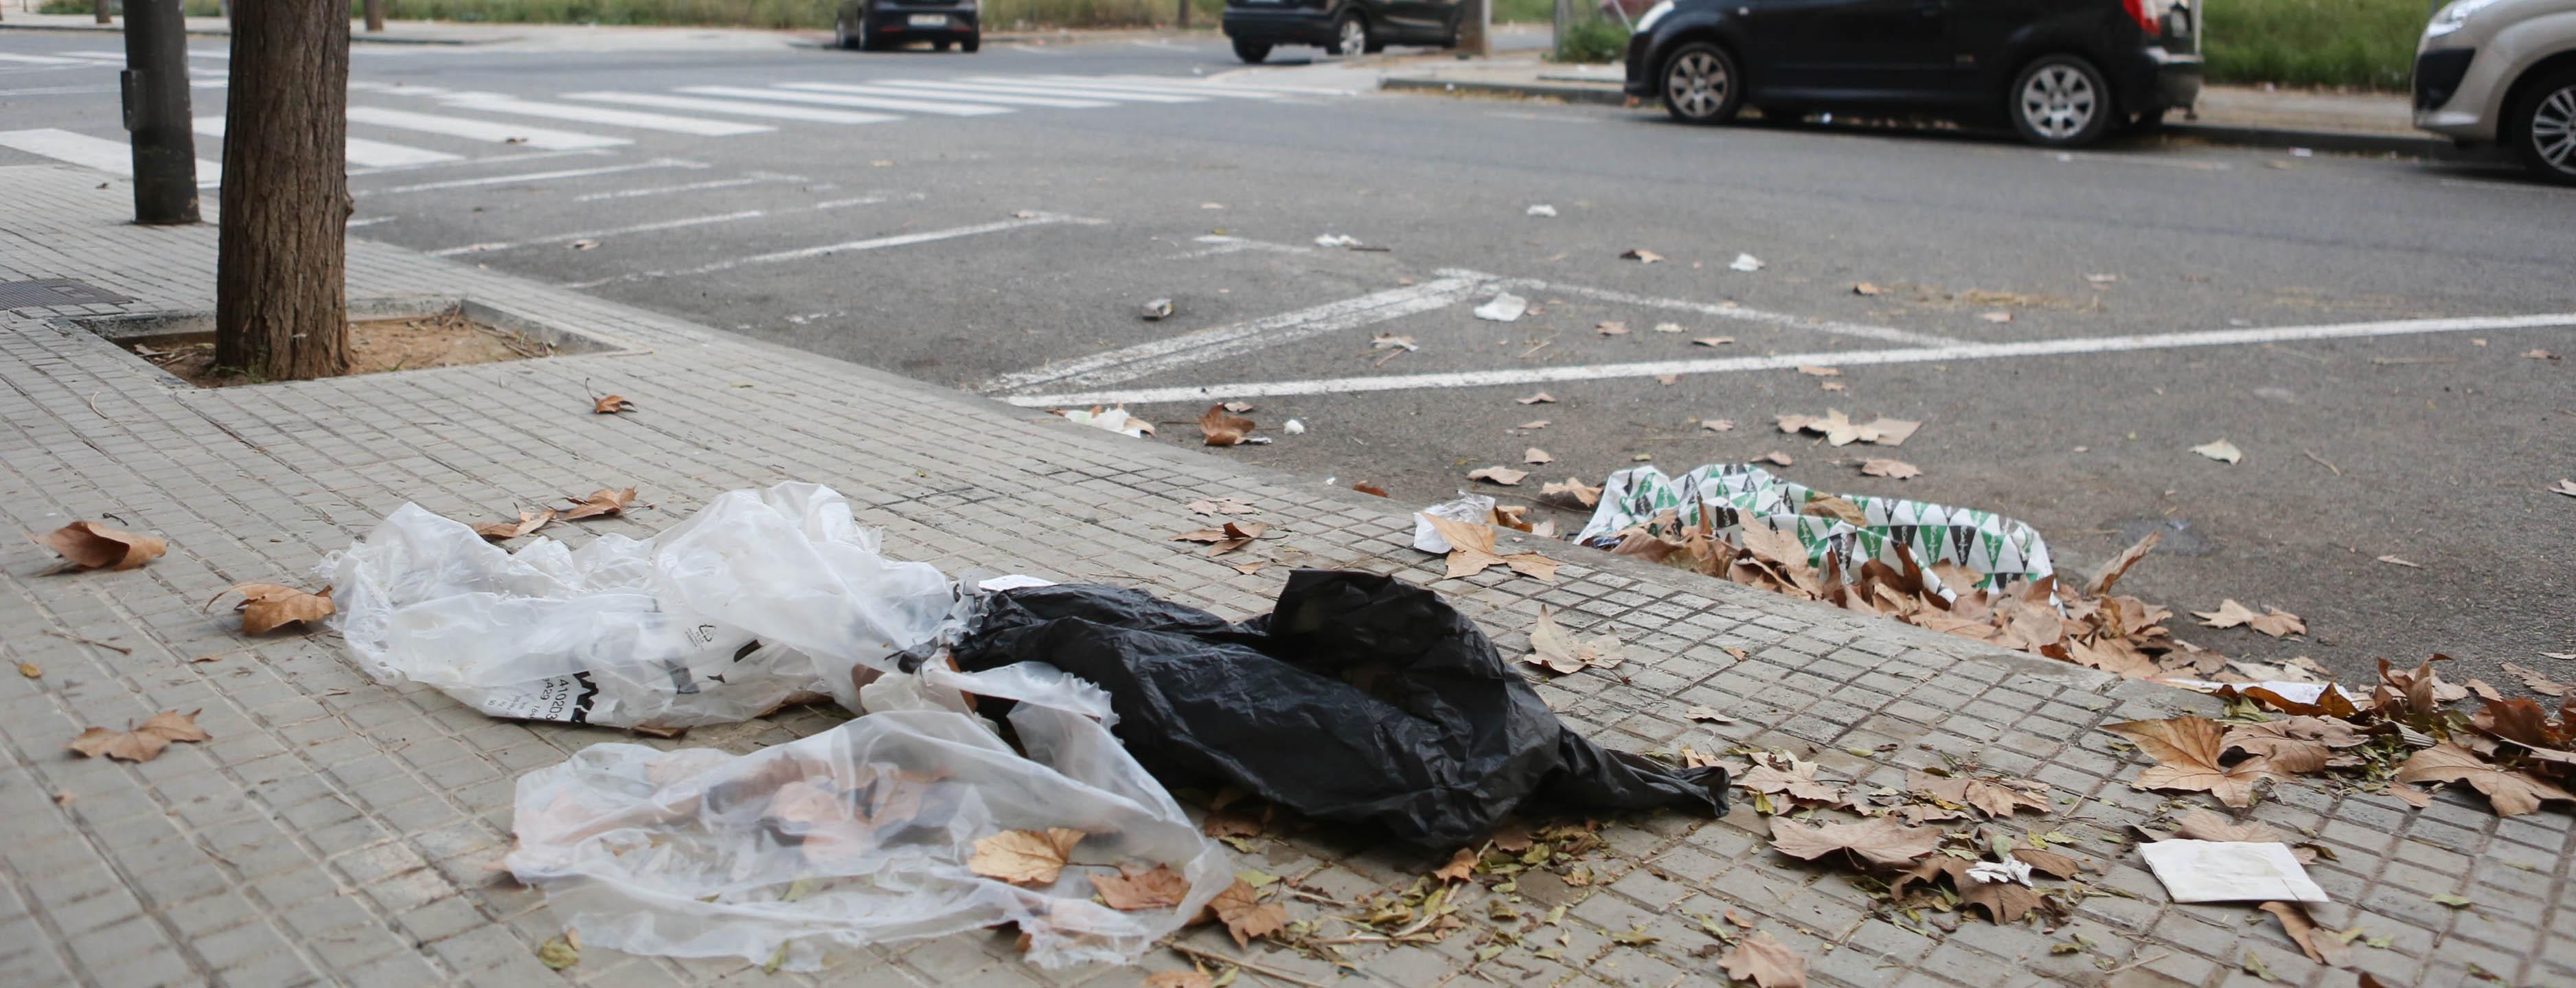 Valorar el servei La limpieza de las calles en Reus